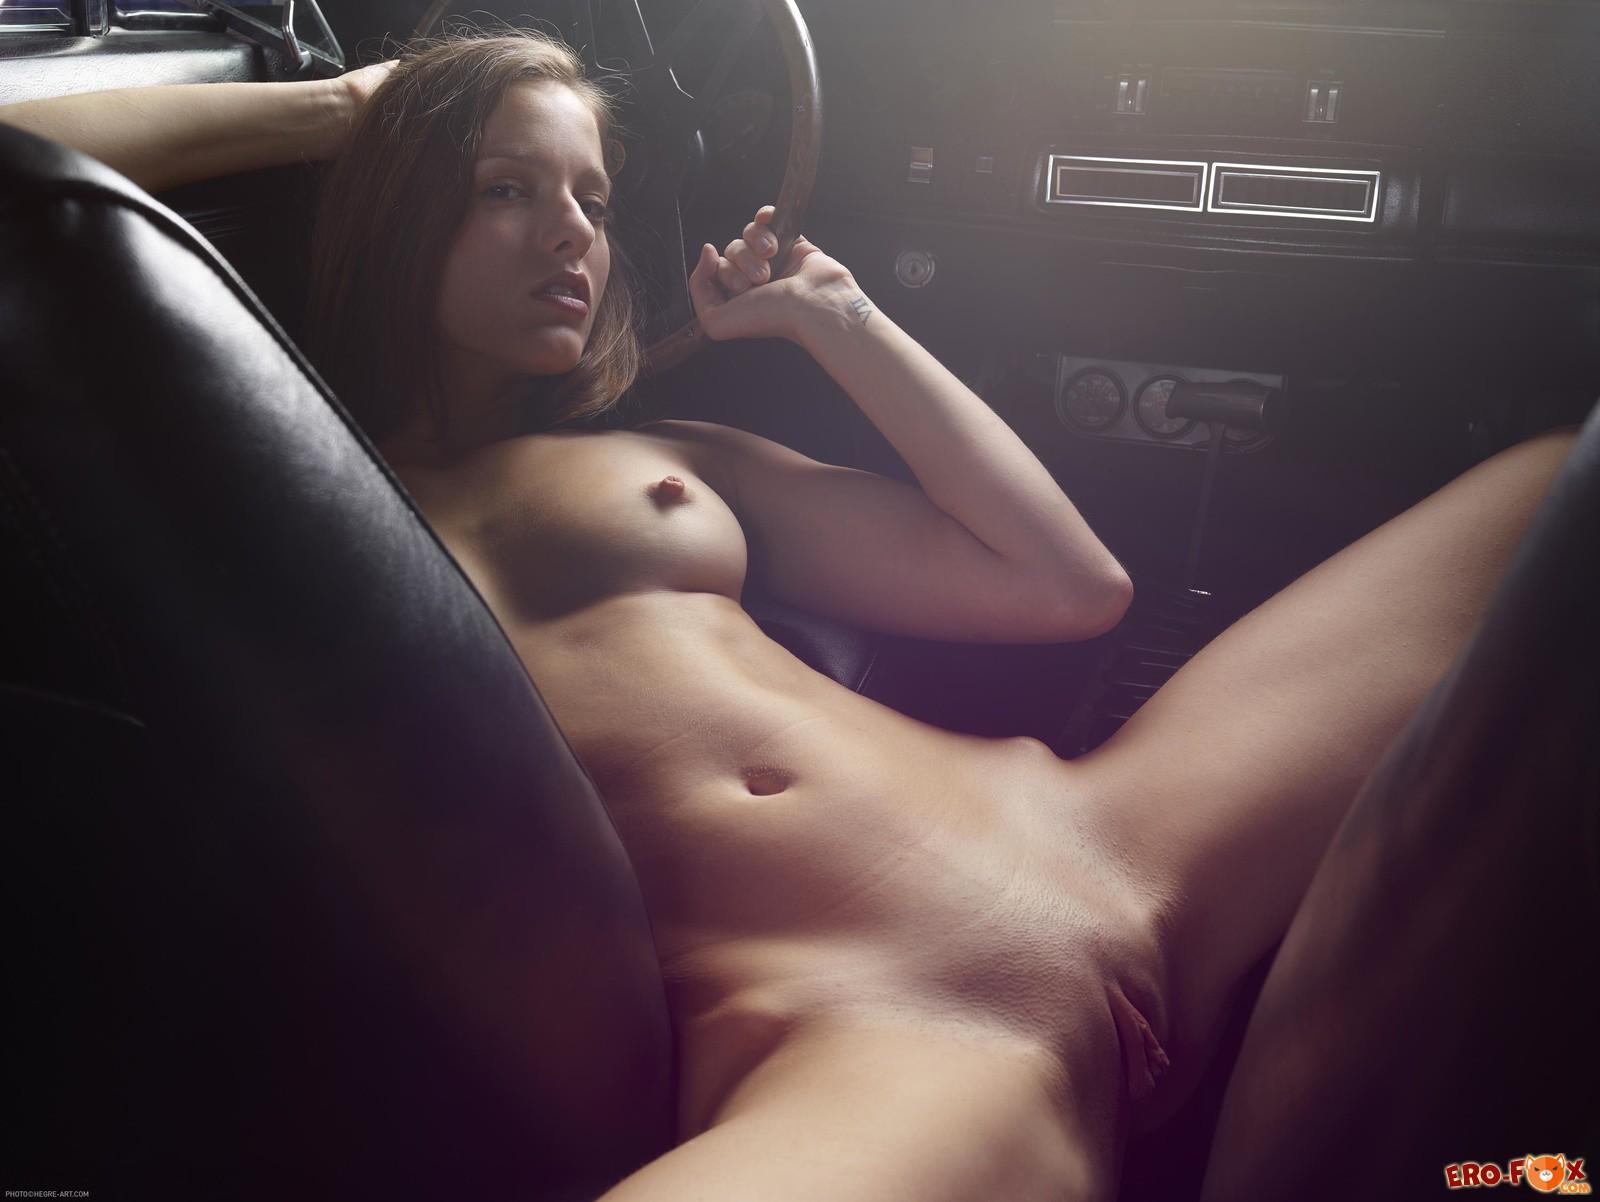 Сексуальная голая девка в  машине